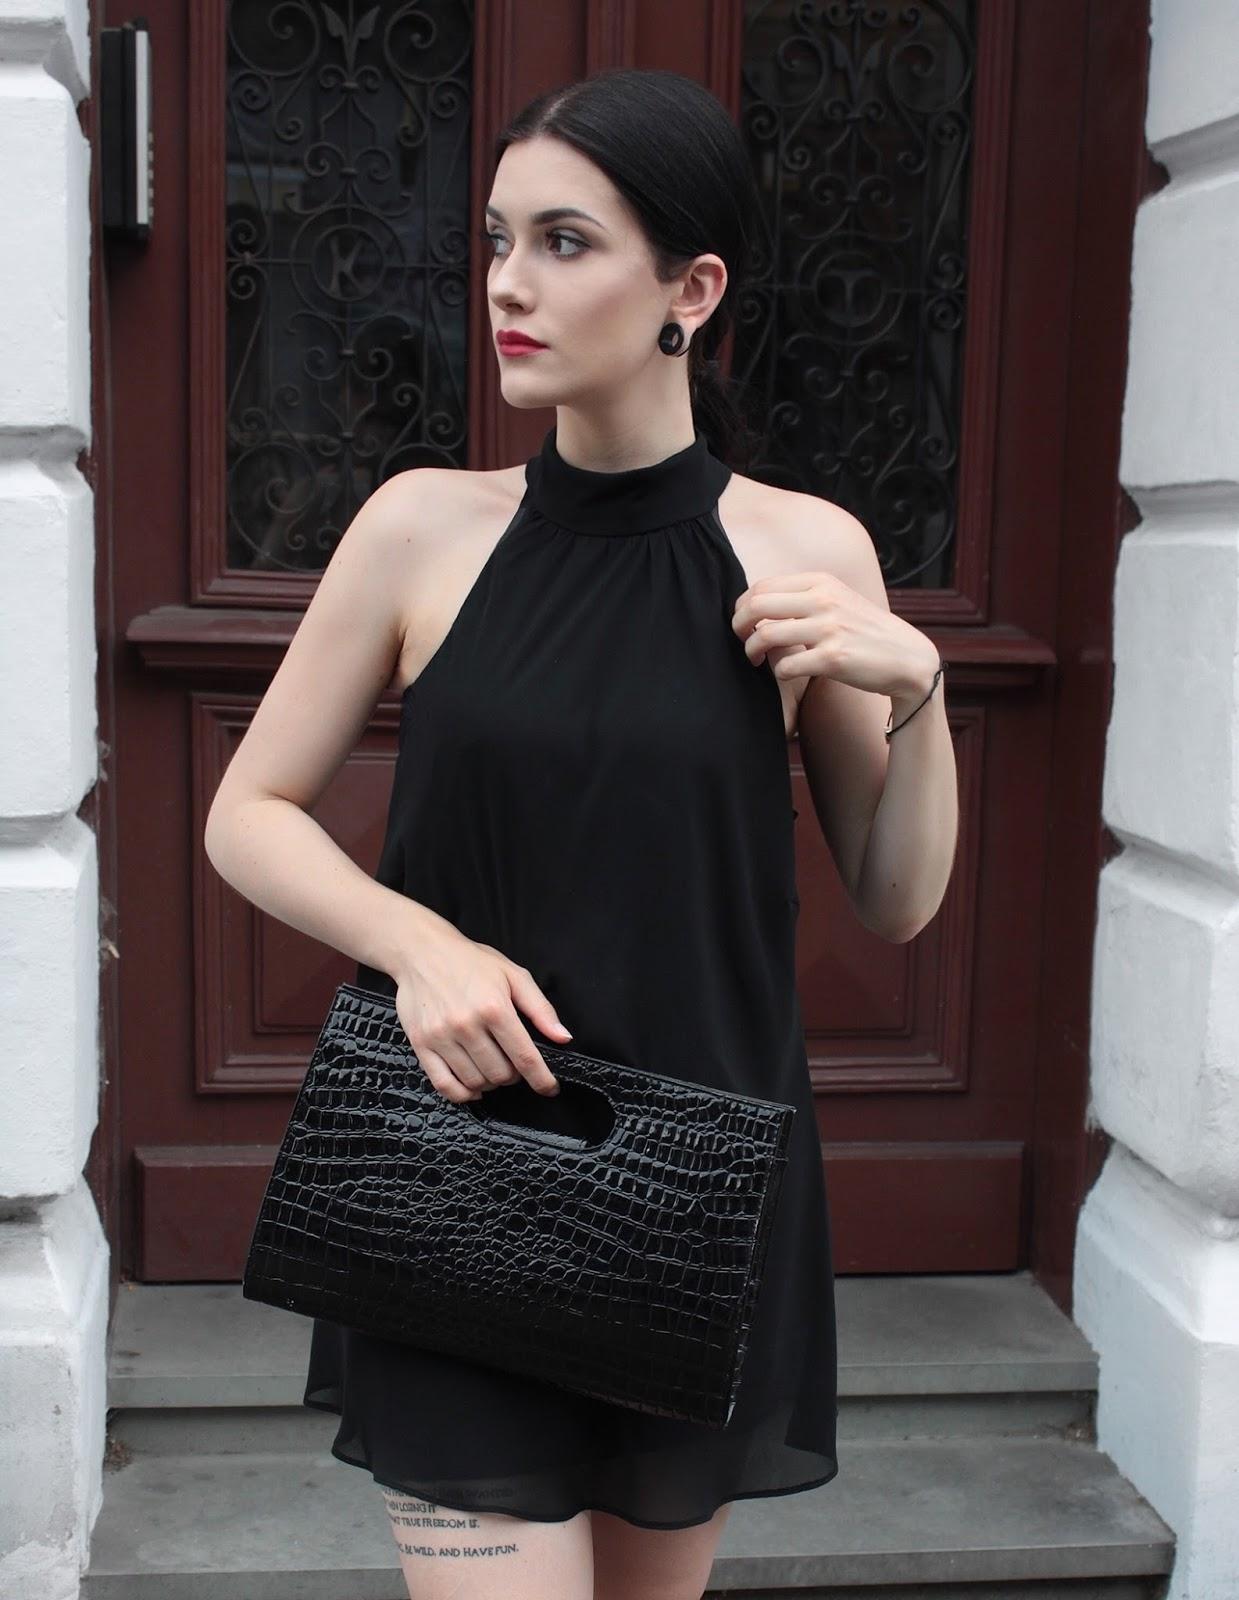 Elegancka stylizacja, czarna sukienka, czarna torebka